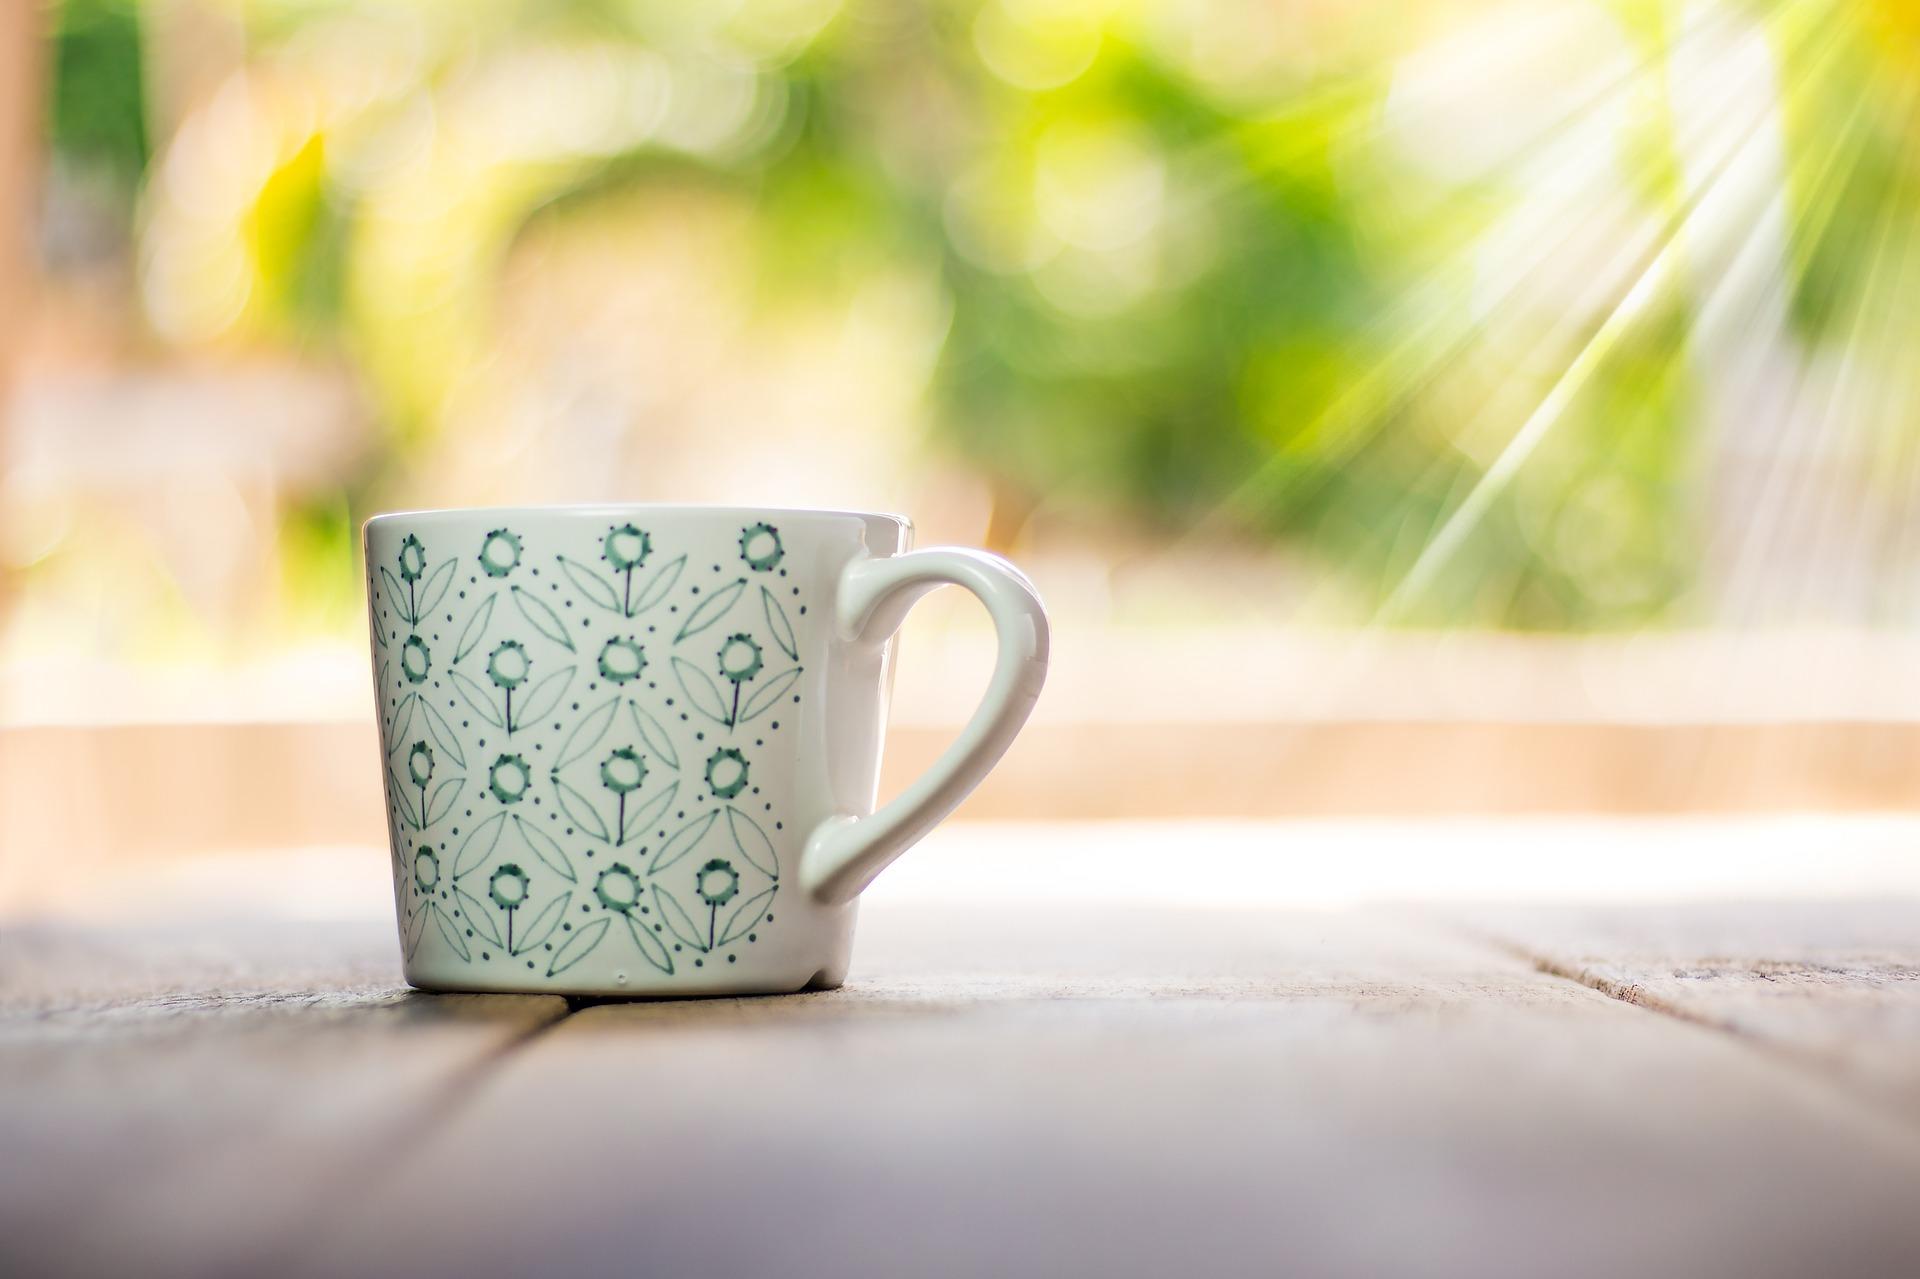 cup 2318315 1920 - ユーザーに読みやすくモダンな印象を与えるレイアウトとは?